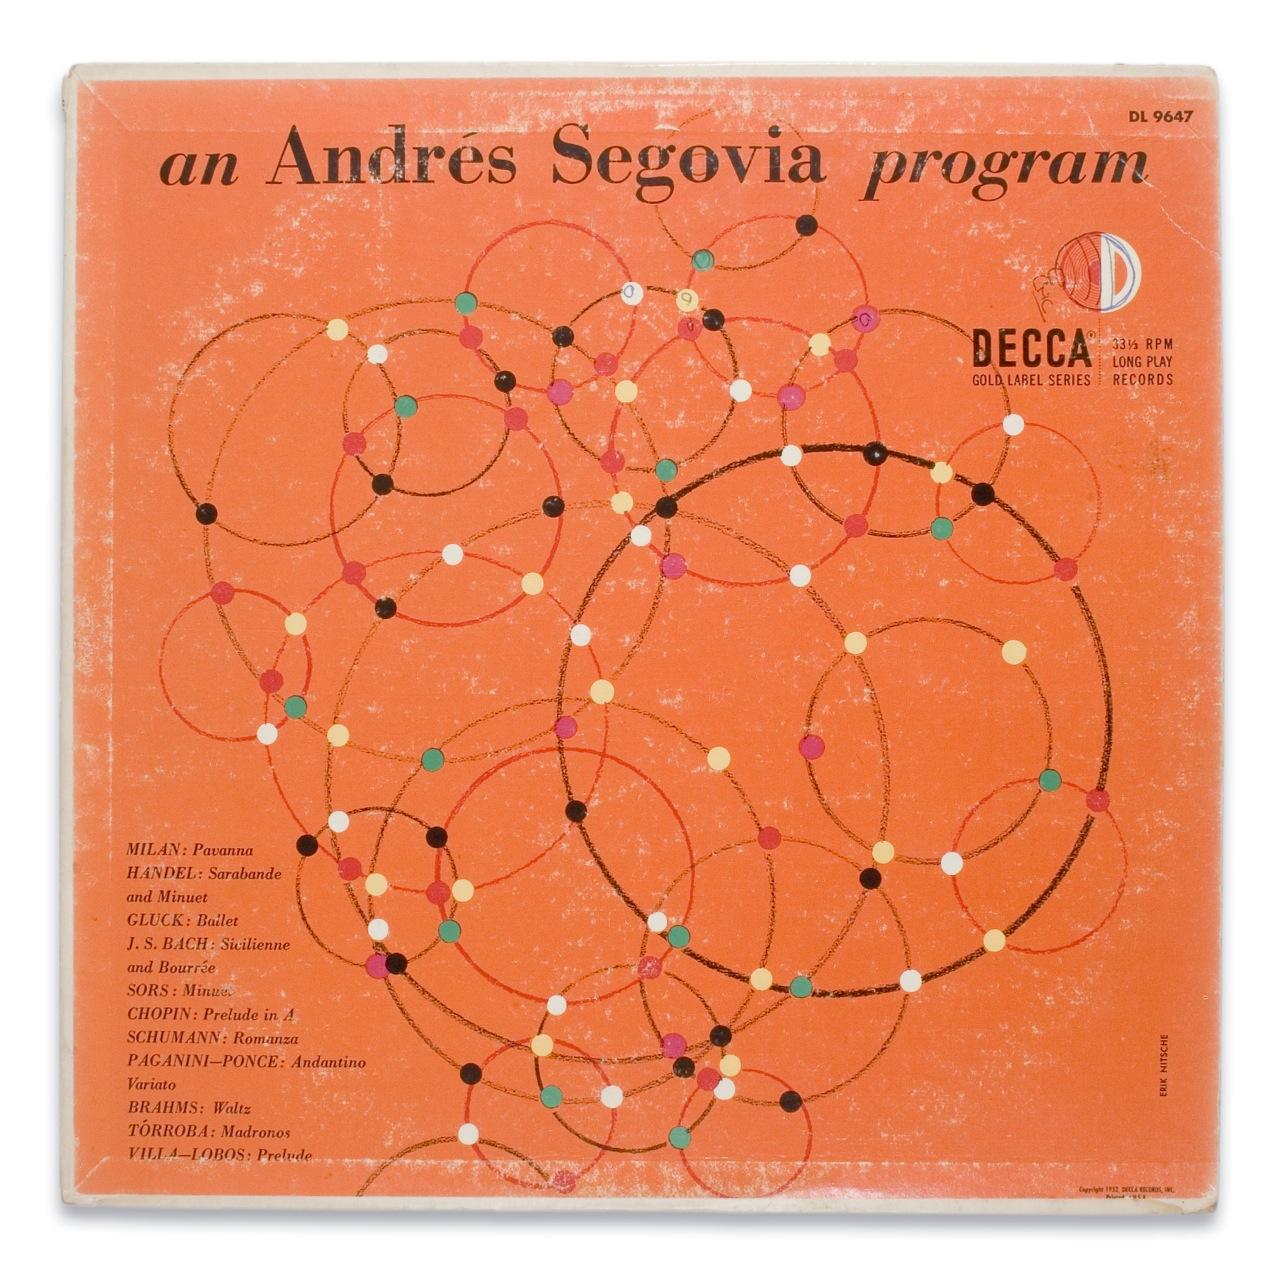 Segovia for Decca Records